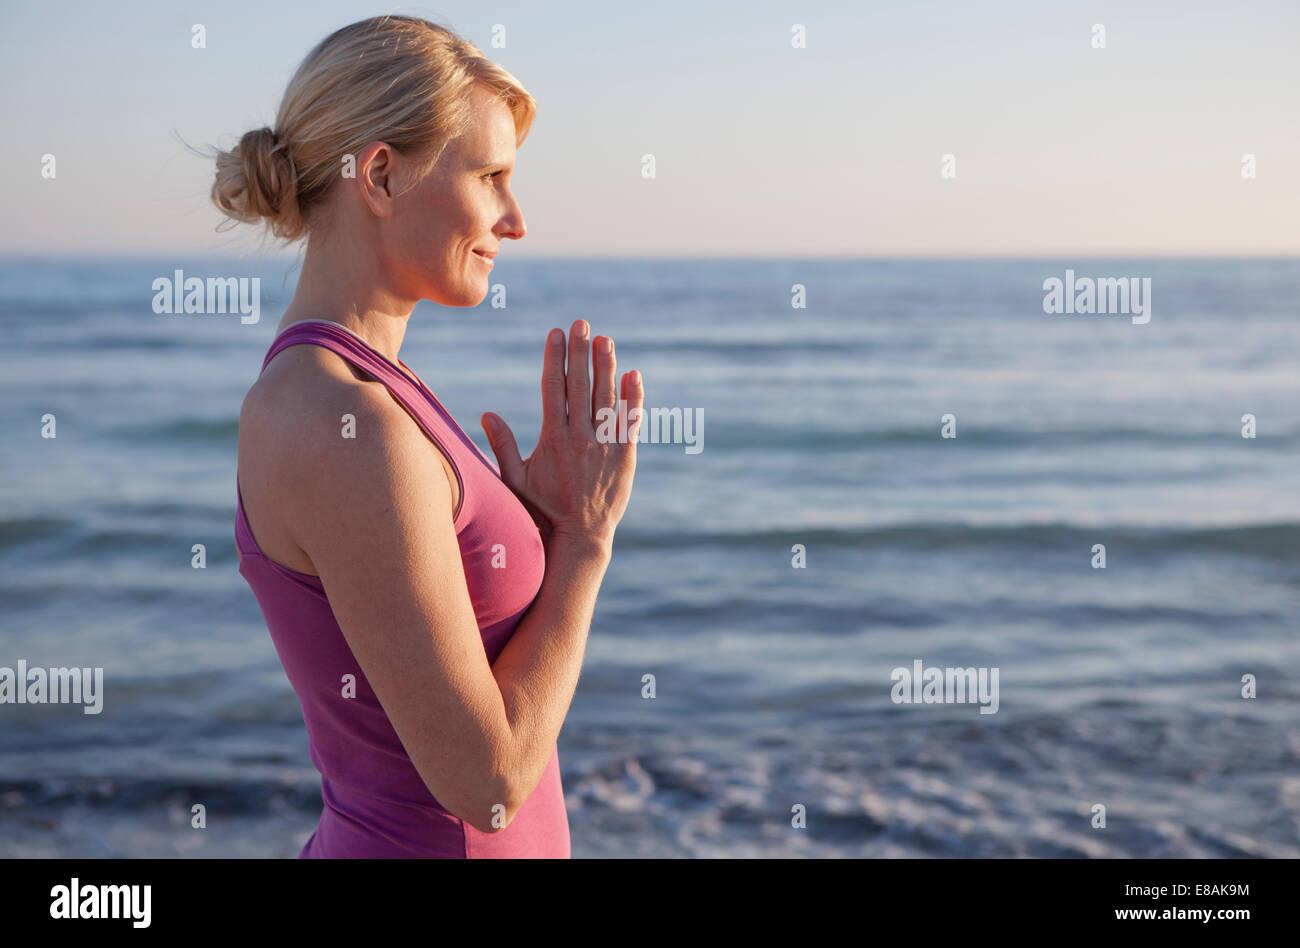 Mujer en pose de oración de yoga en la playa Imagen De Stock